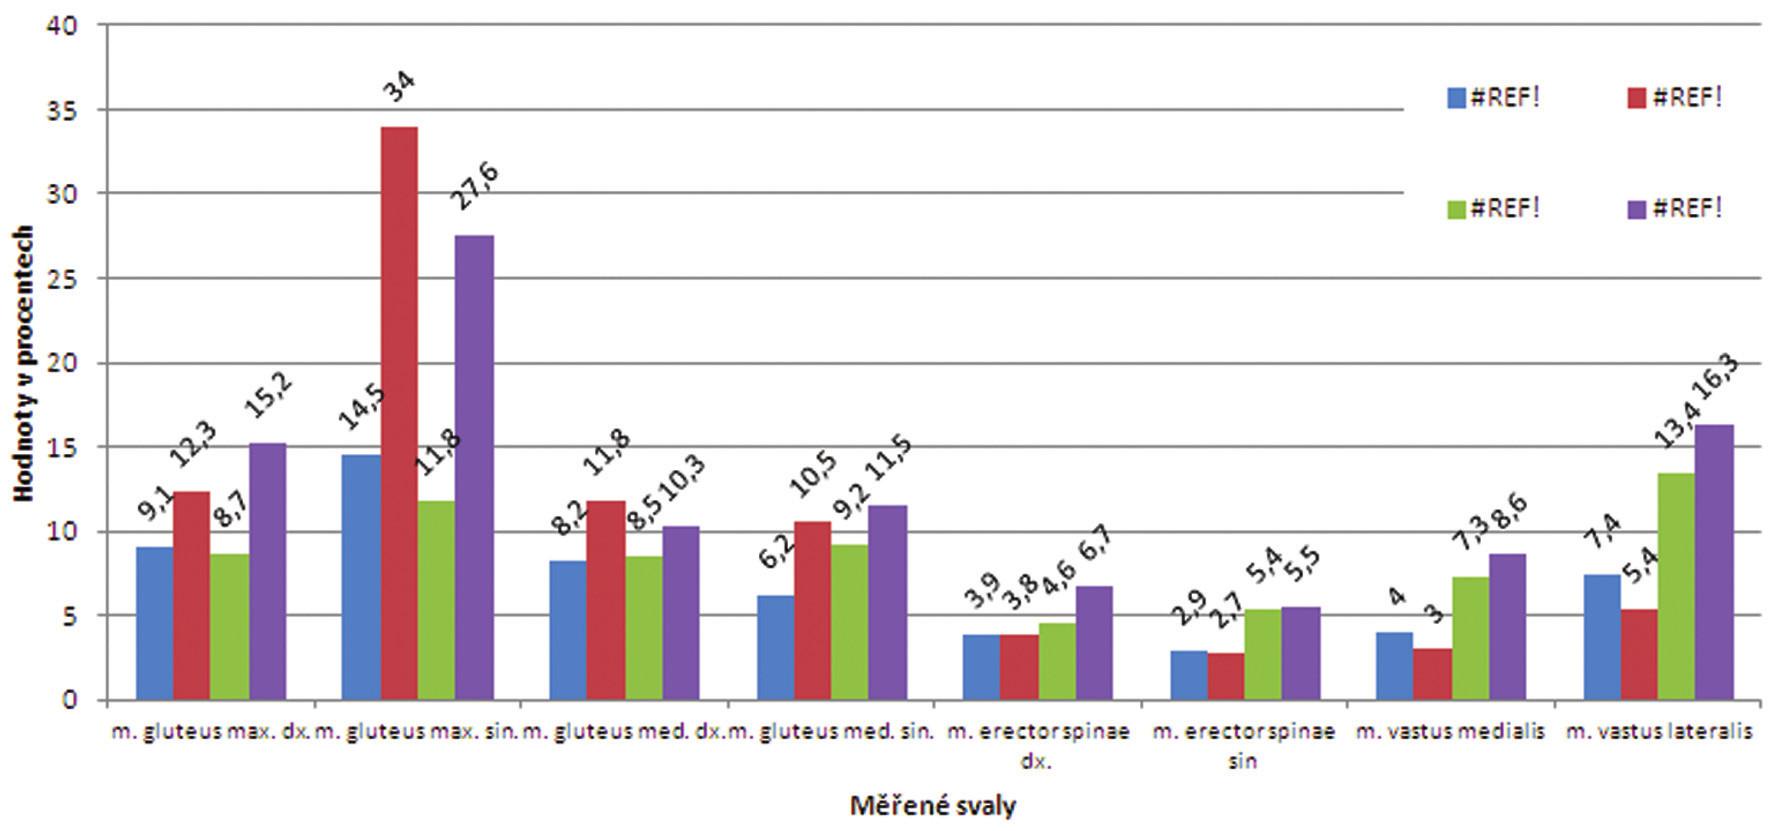 Proband č. 4 - hodnoty % MVC u všech cviků.¨